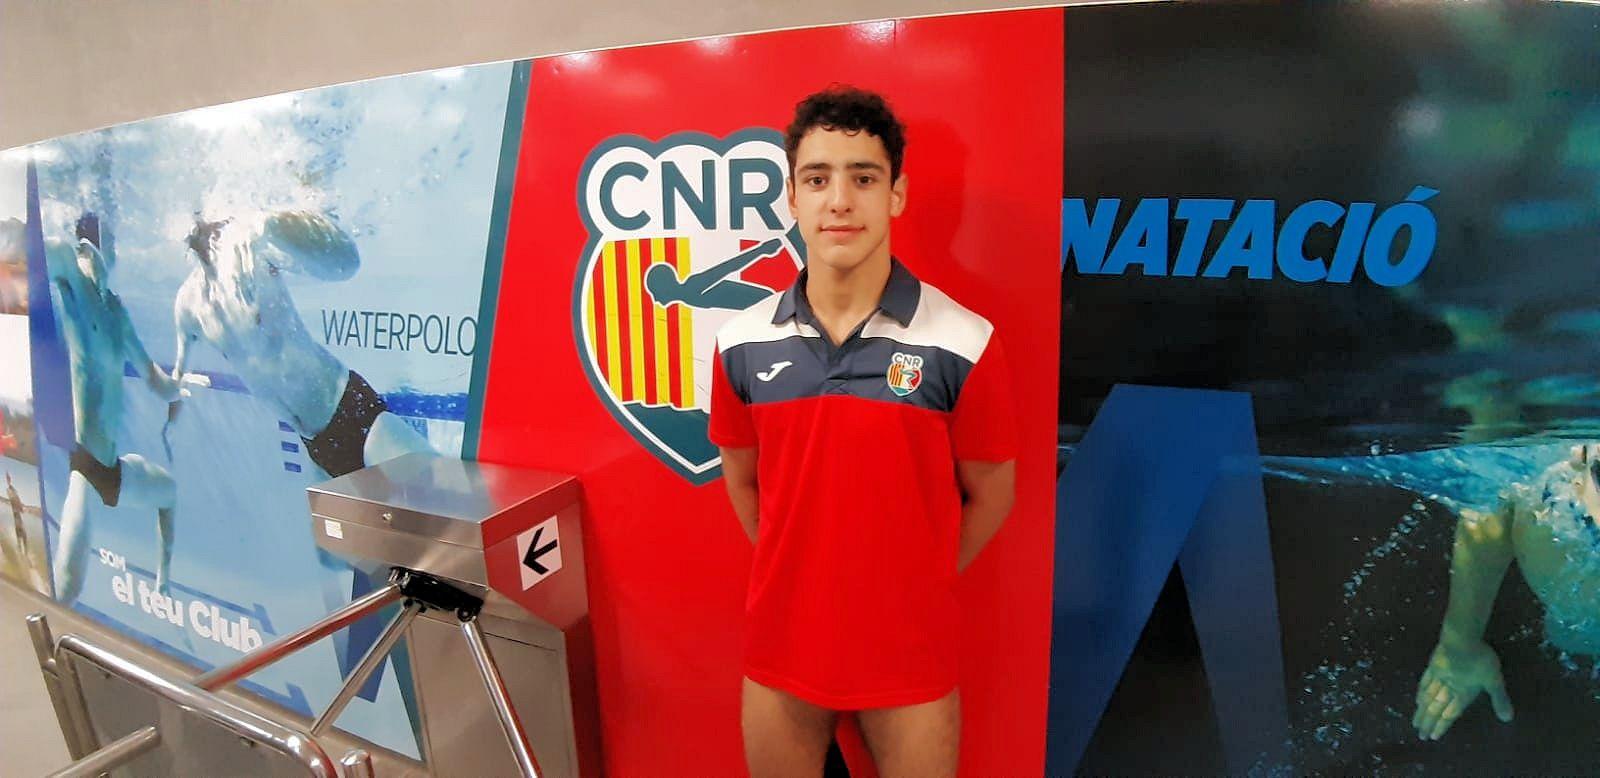 David de Requesens convocat per disputar el Campionat d'Europa Cadet Masculí amb la selecció espanyola de waterpolo a Bulgària